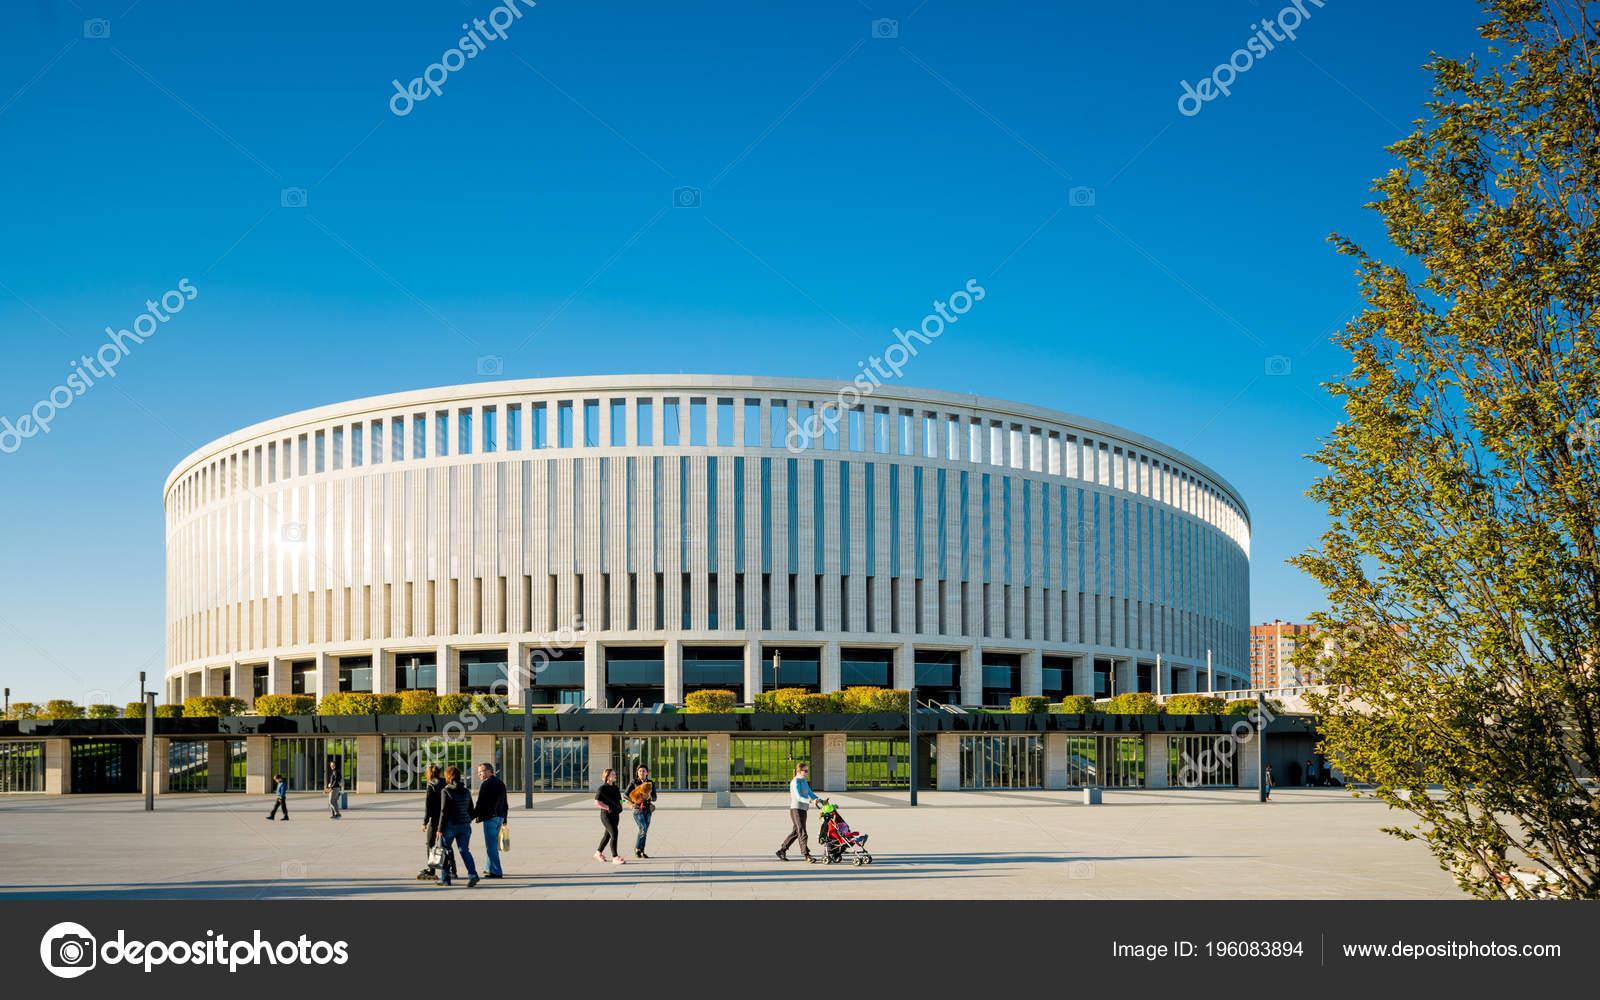 Krasnodar Russia September 2017 Football Stadium Krasnodar Stadium Krasnodar Stock Editorial Photo C Ewastudio 196083894